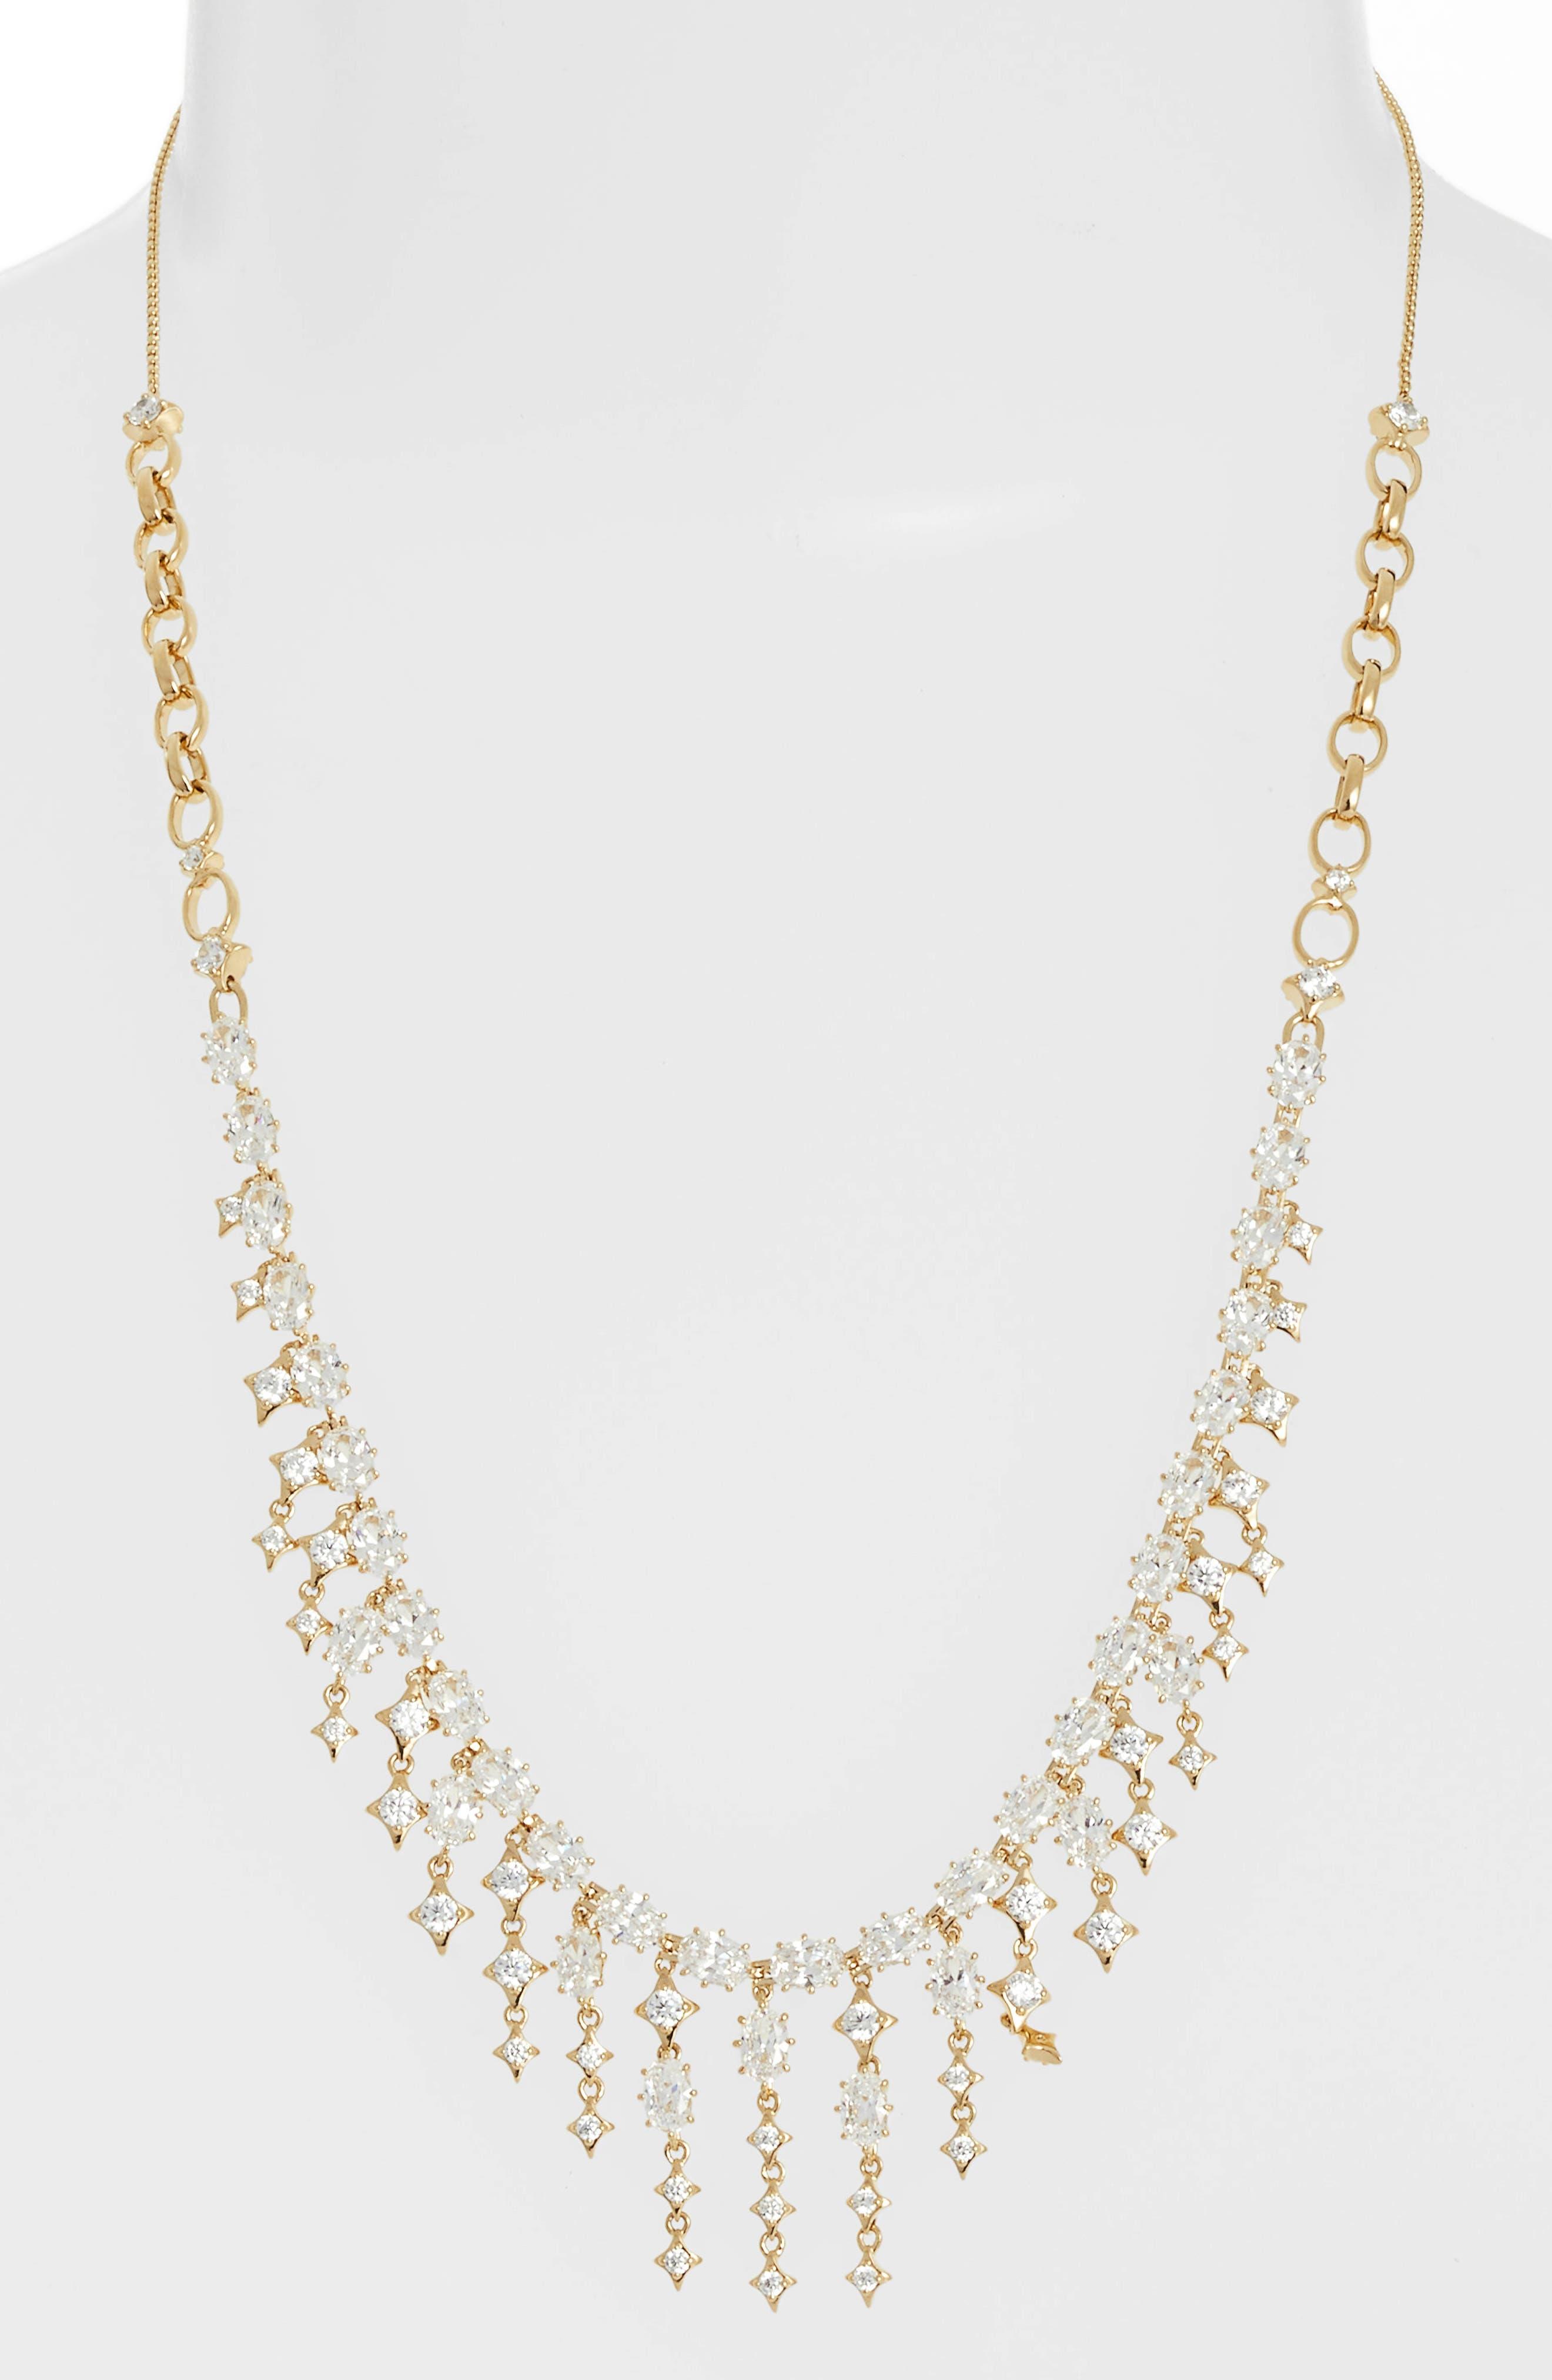 Main Image - Nadri Crystal Fringe Necklace